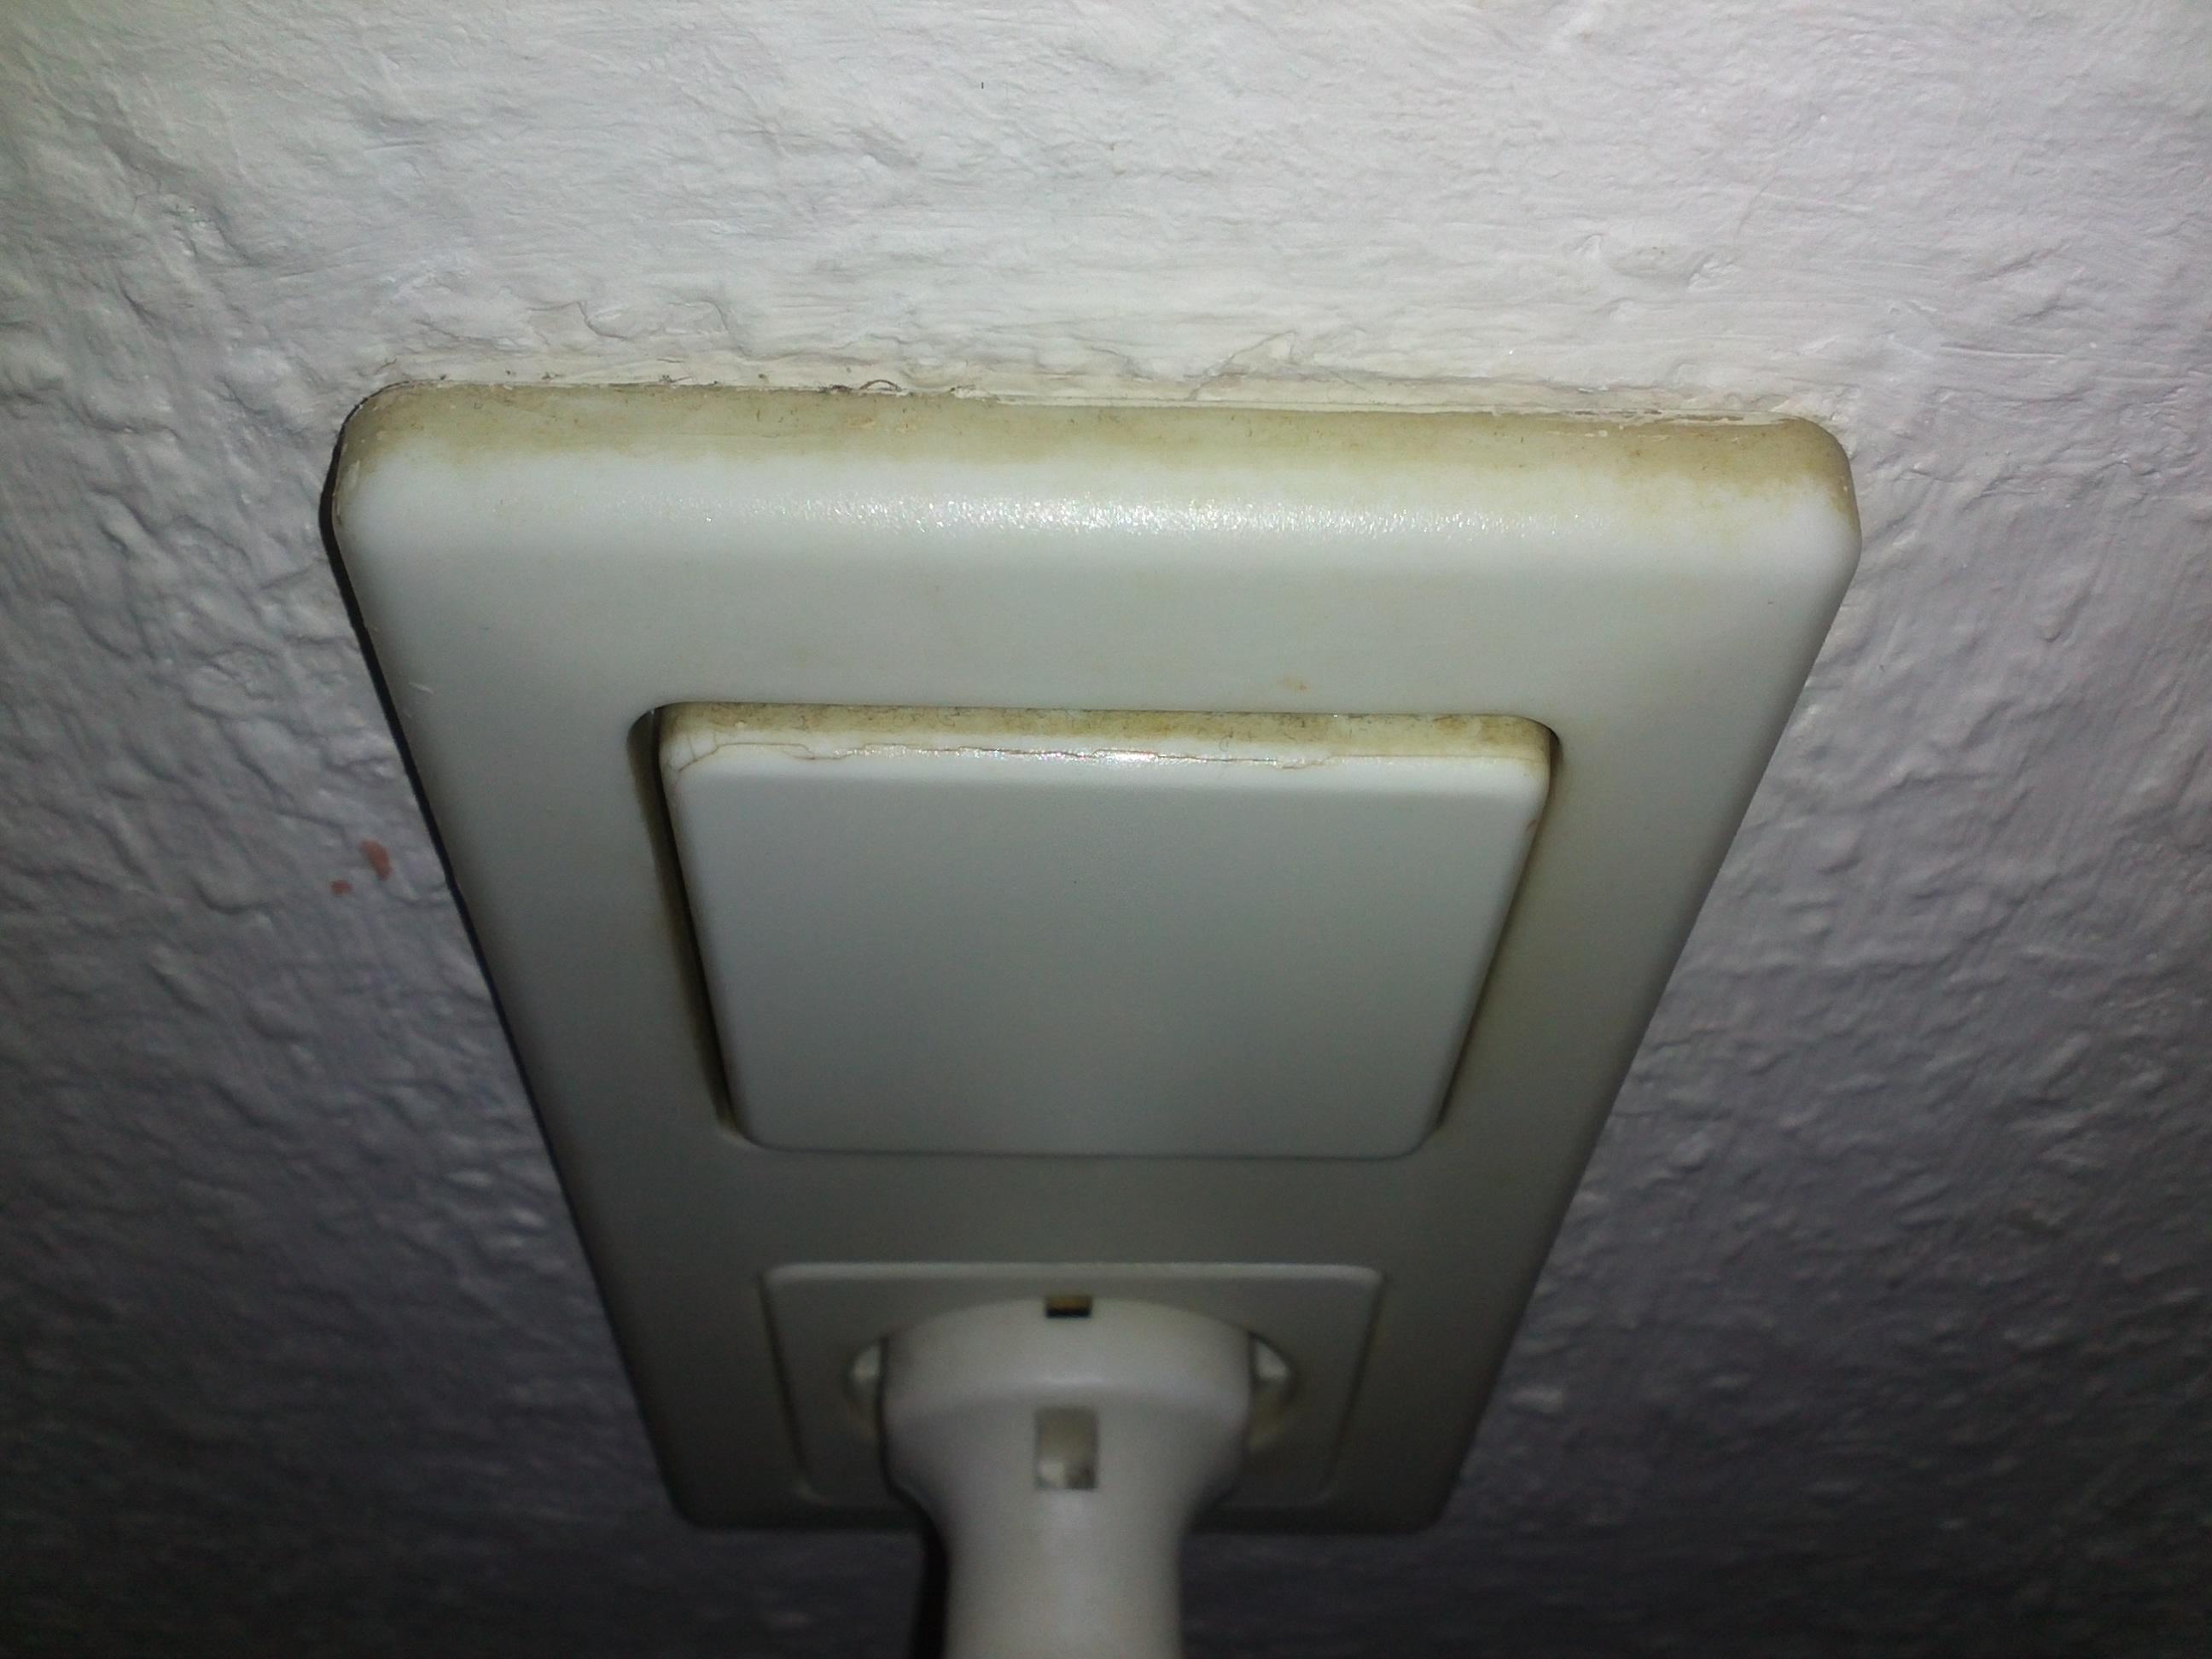 Abdeckung von Lichtschalter ist locker. Wie kann ich die Abdeckung ...